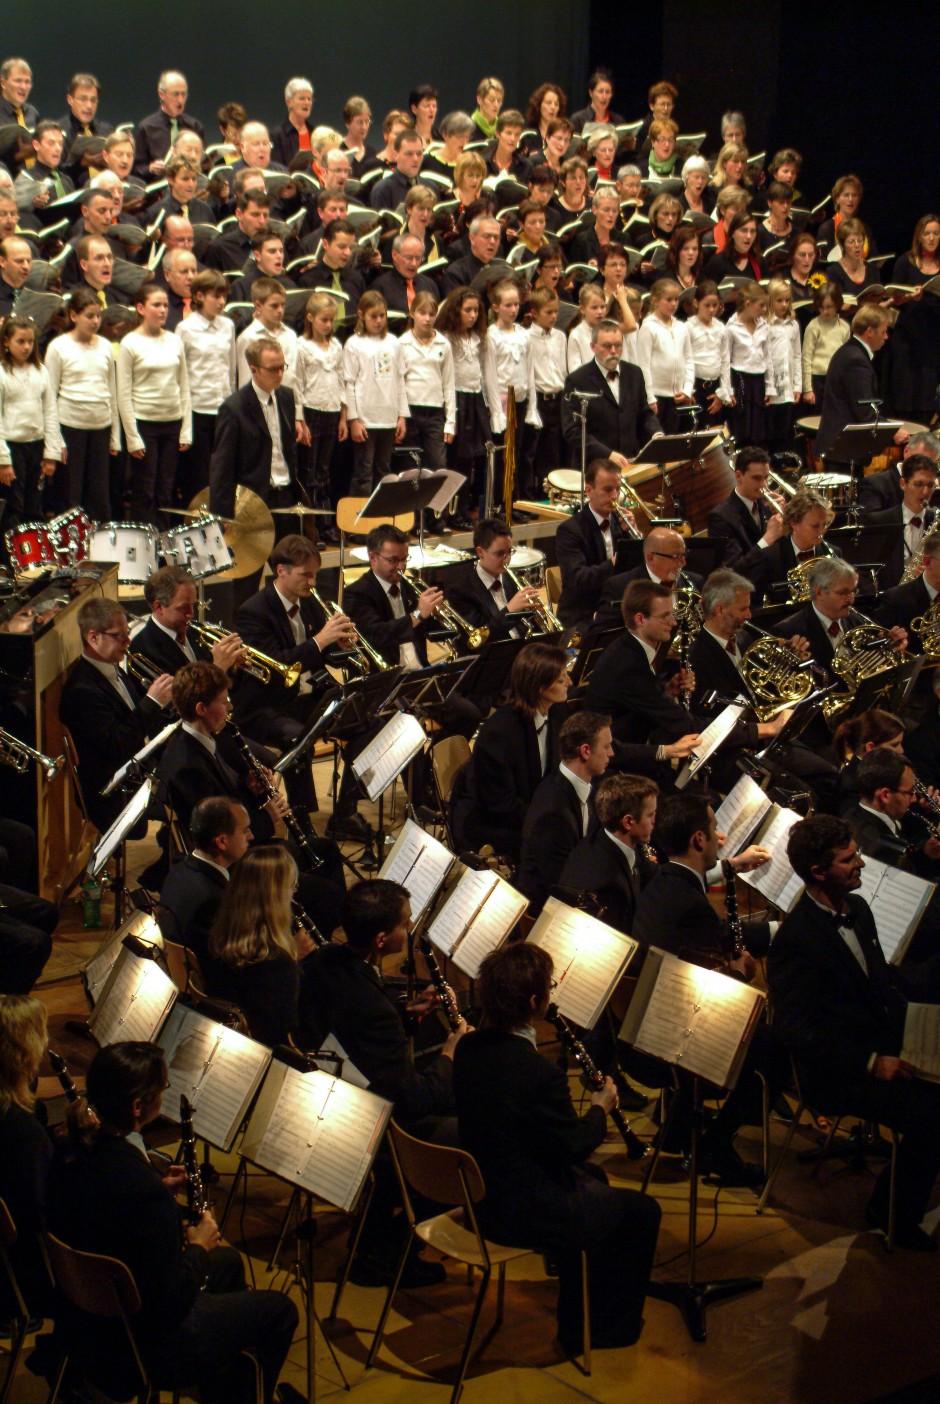 Blasorchester Feldmusik Neuenkirch mit Chor